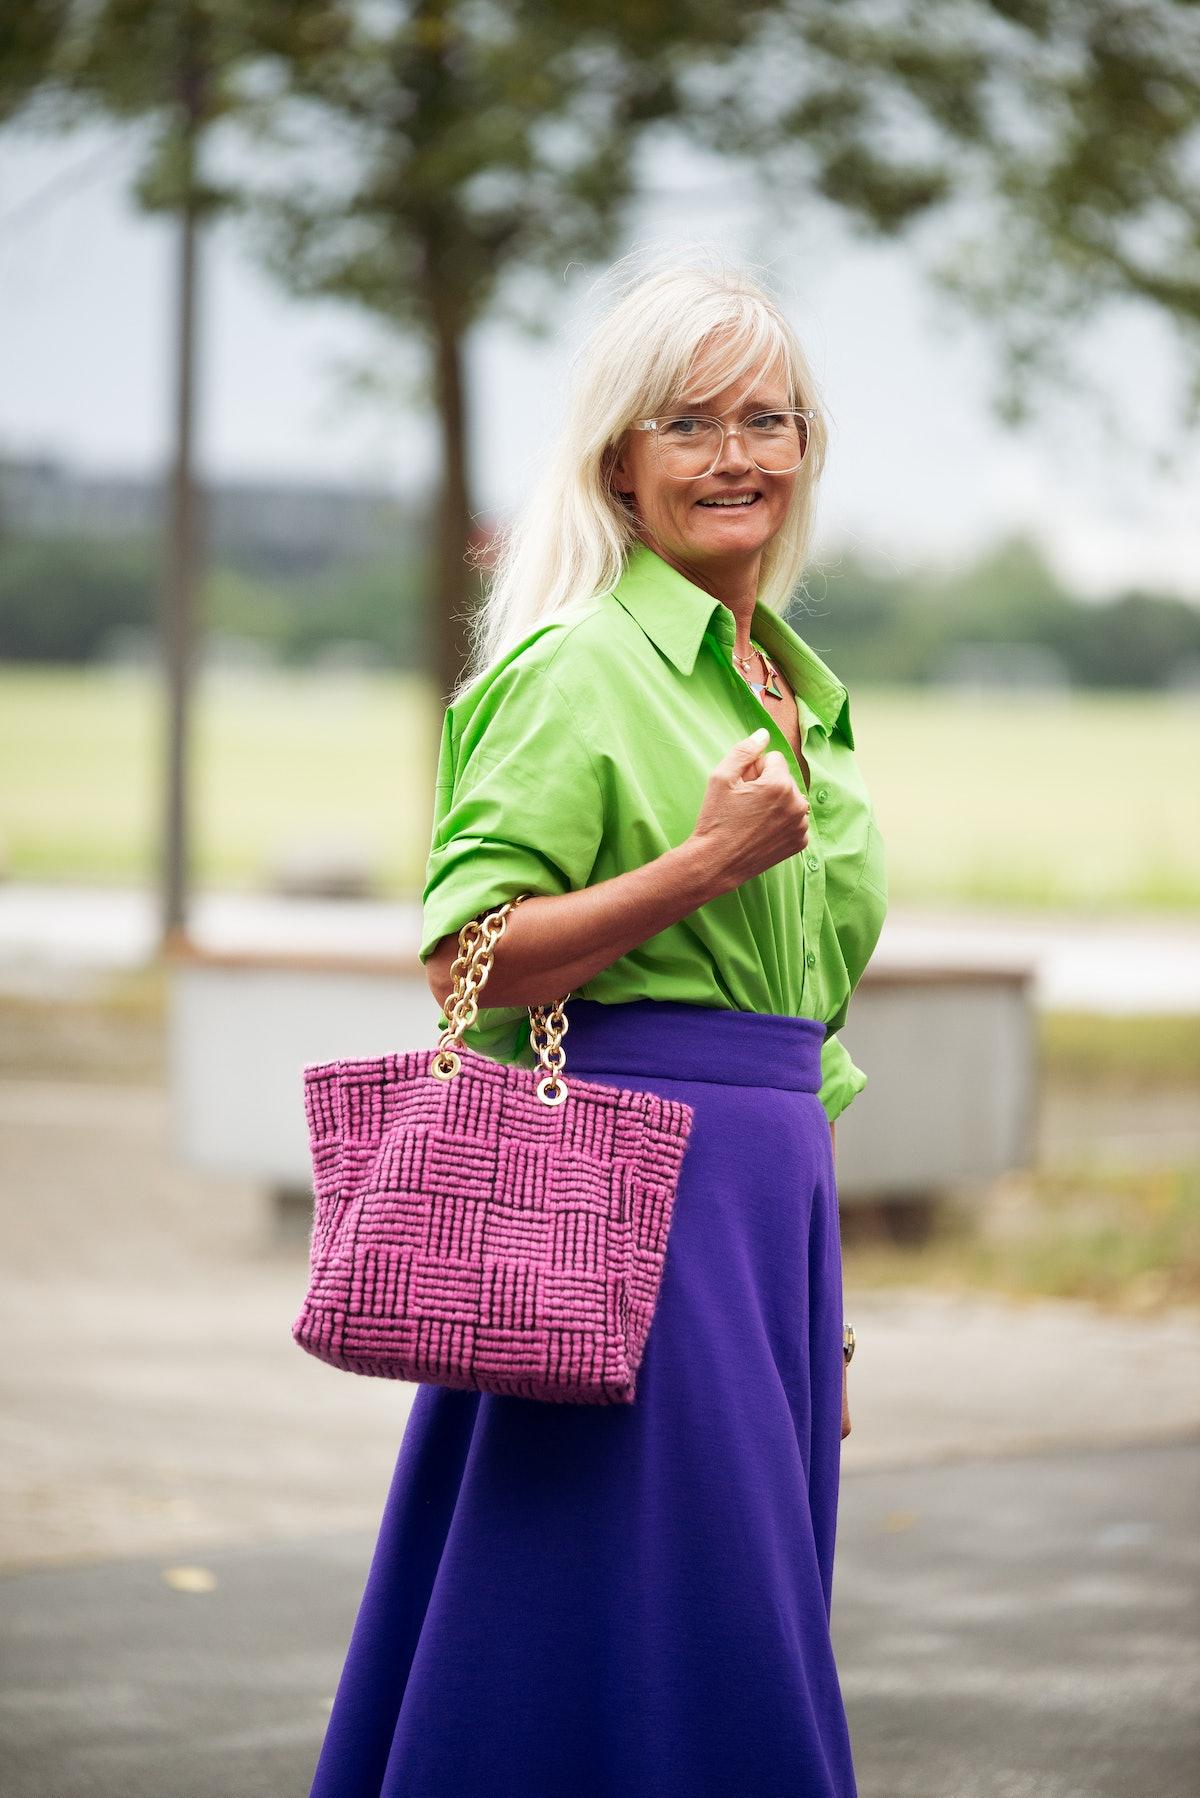 COPENHAGEN, DENMARK - AUGUST 10: Mette Sorrig wearing bright green shirt, long purple maxi skirt, pi...